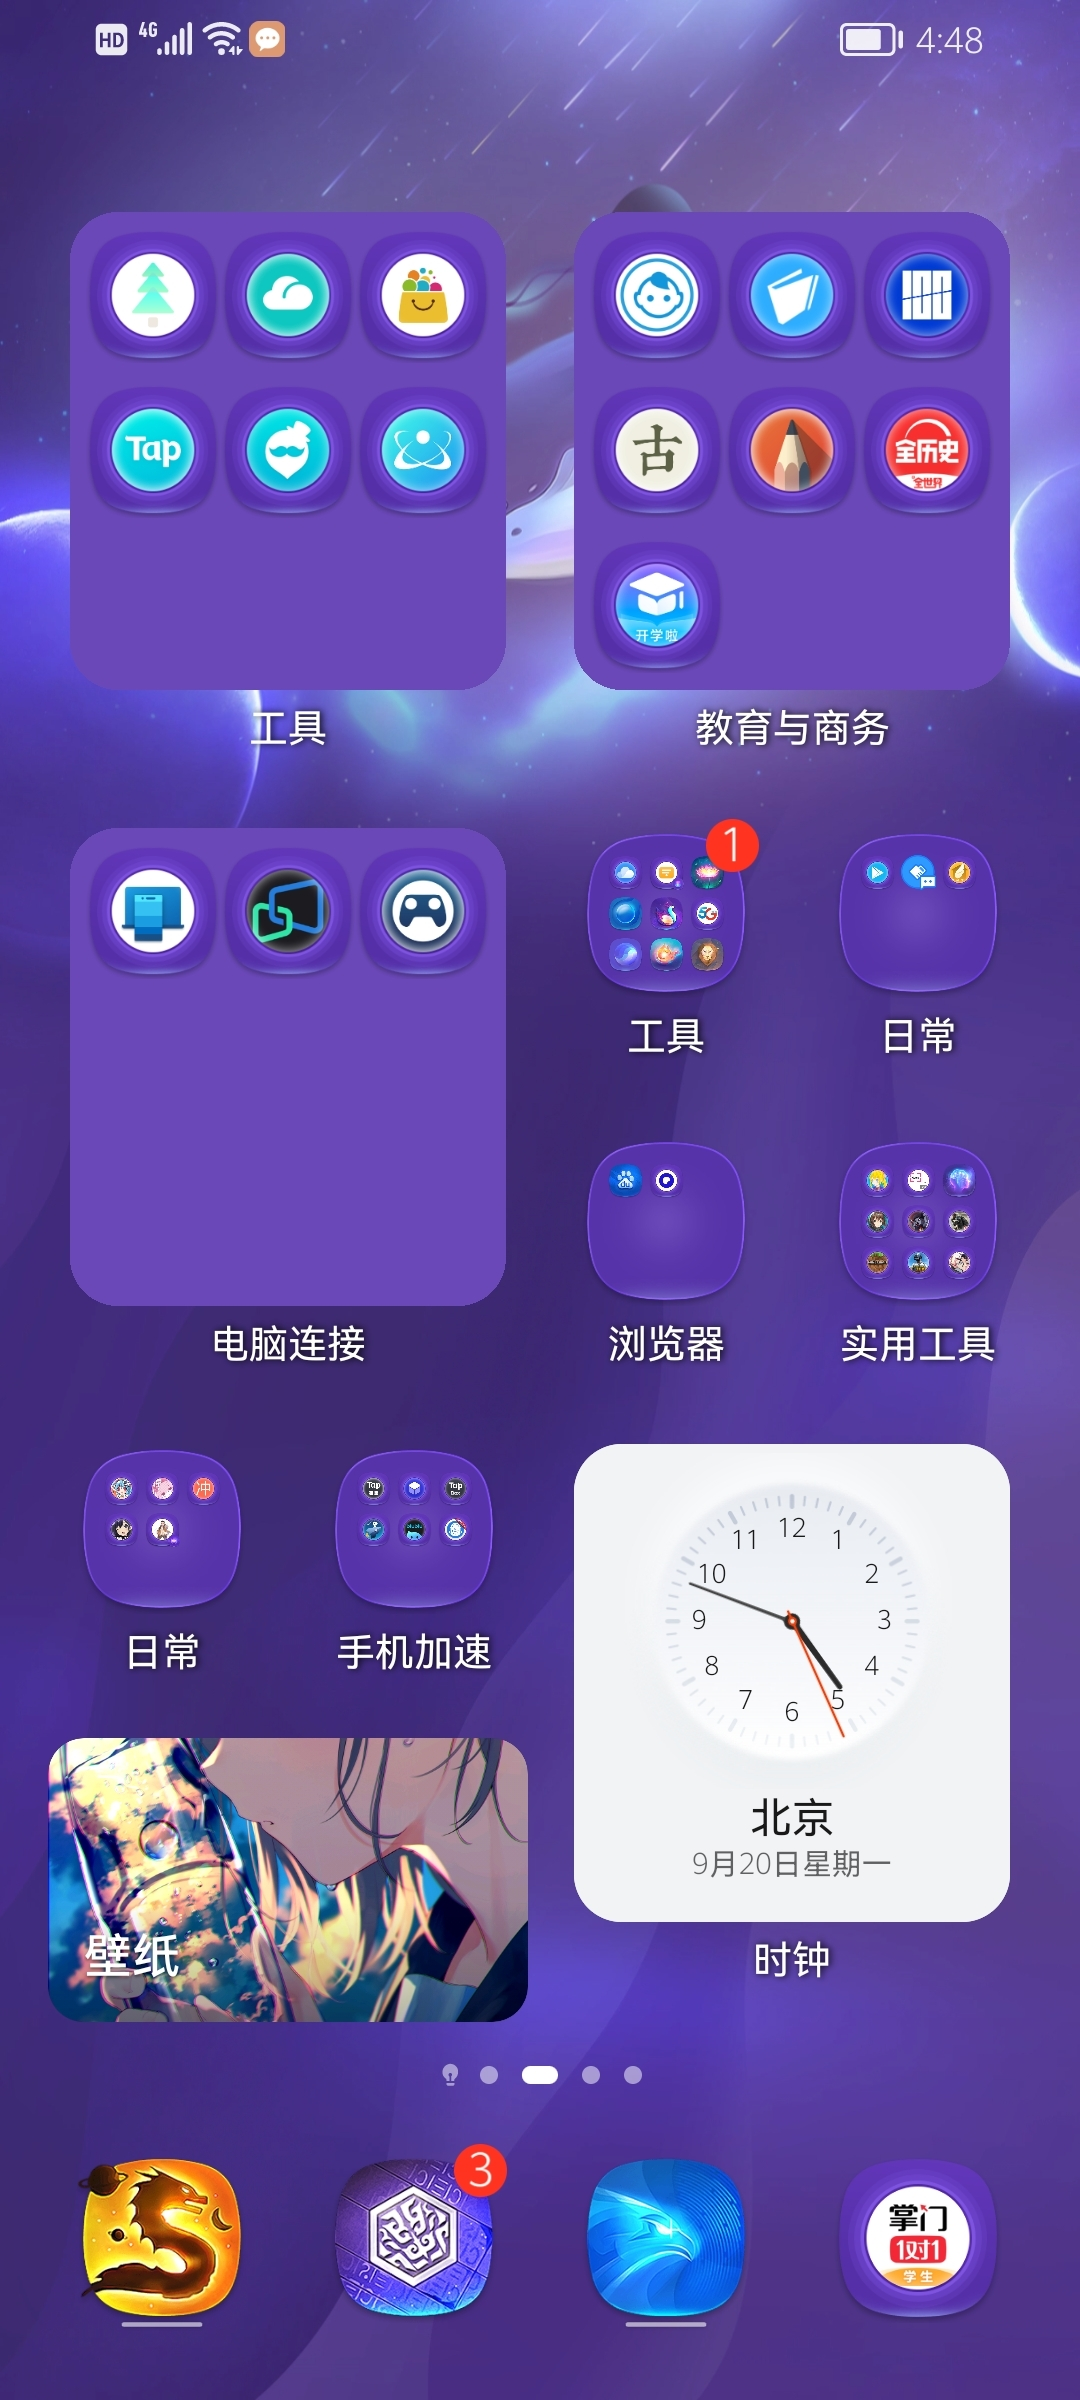 Screenshot_20210920_164826_com.huawei.android.launcher.jpg